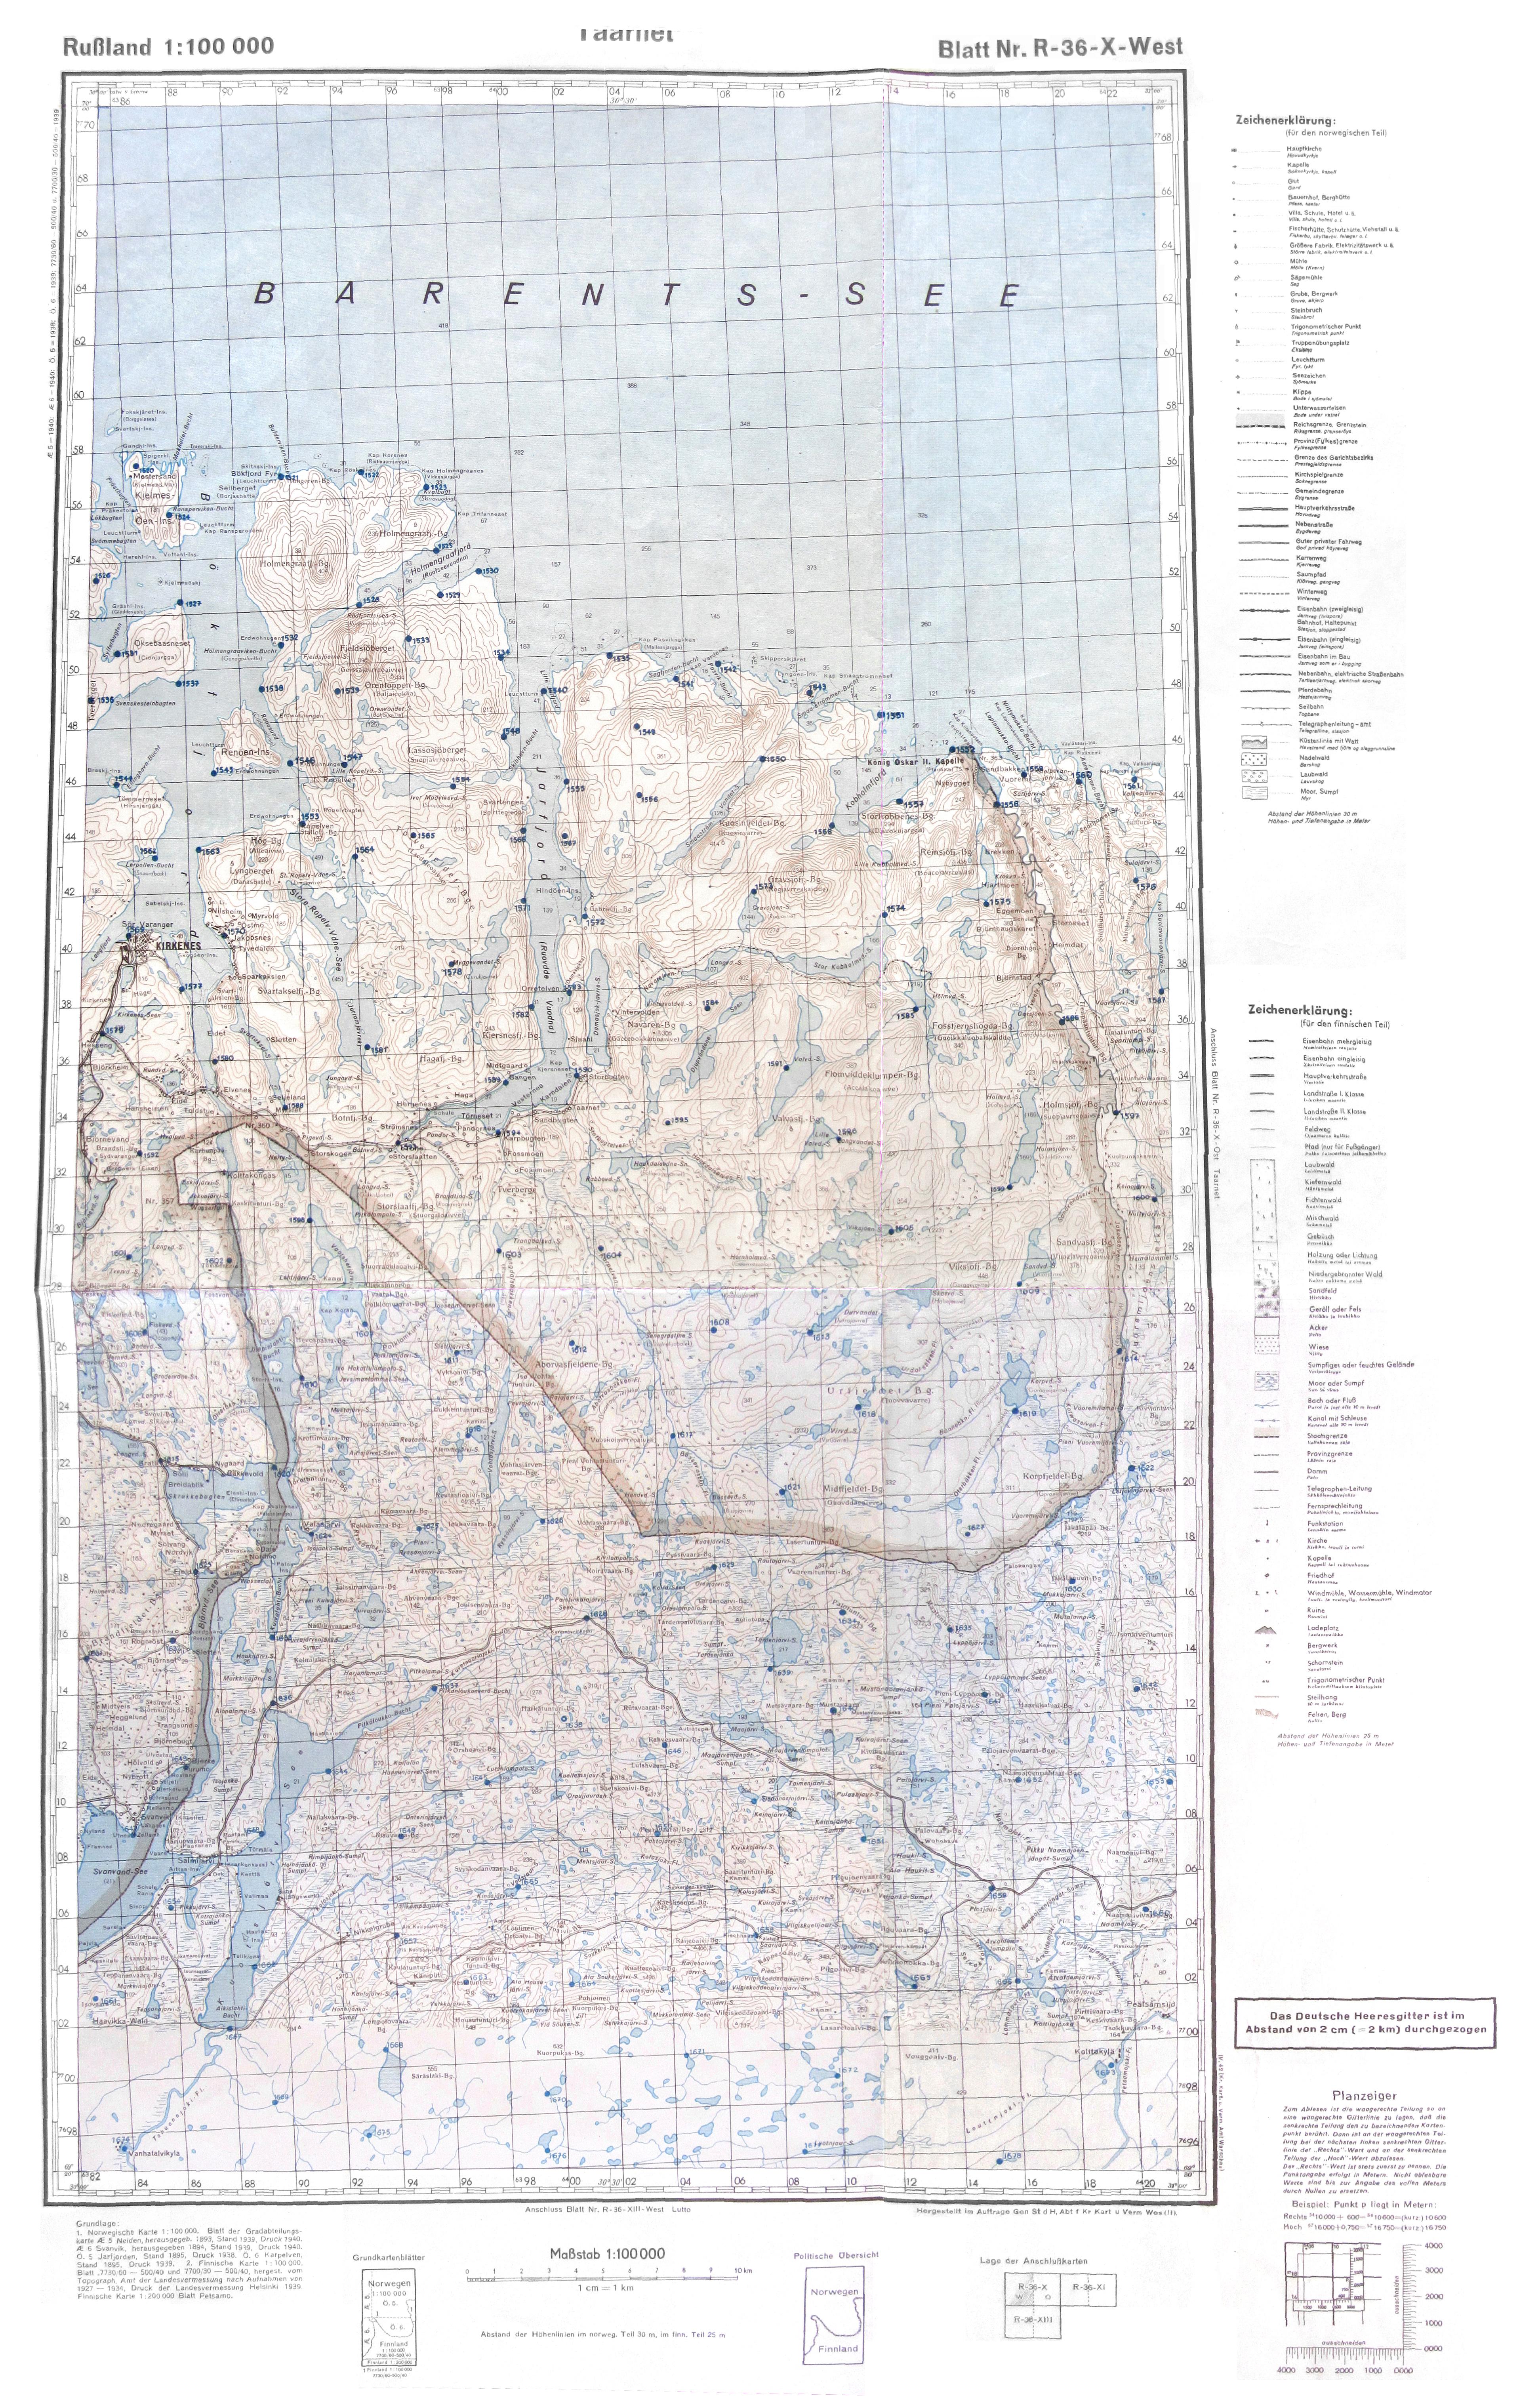 Saksalaiset Topografiset Kartat